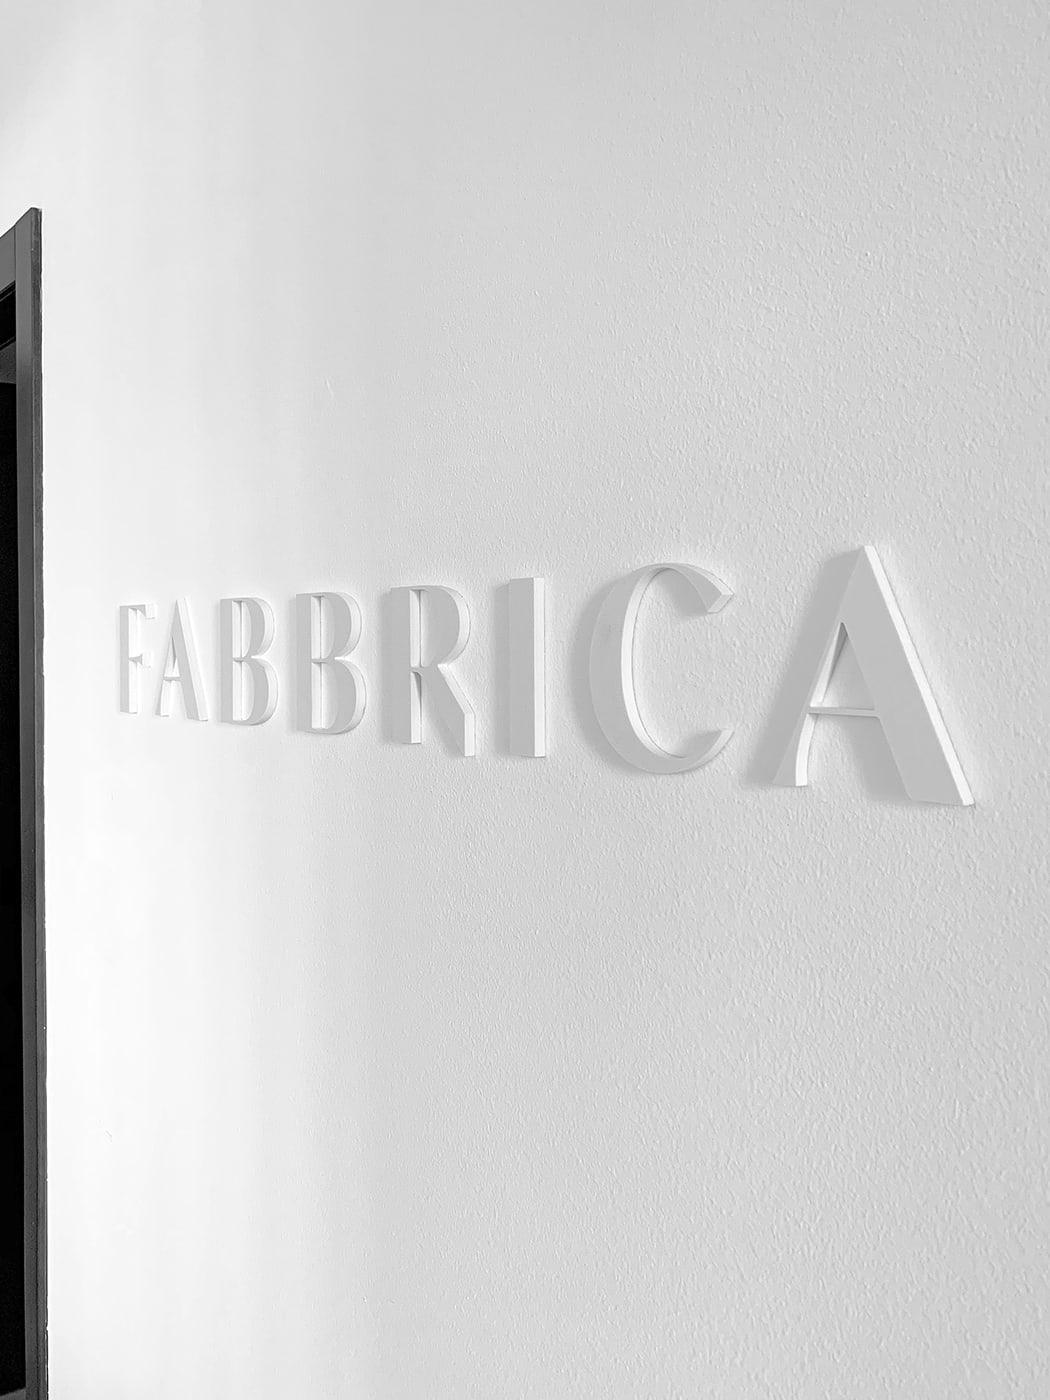 米兰模特经纪公司Fabbrica Milano品牌形象设计